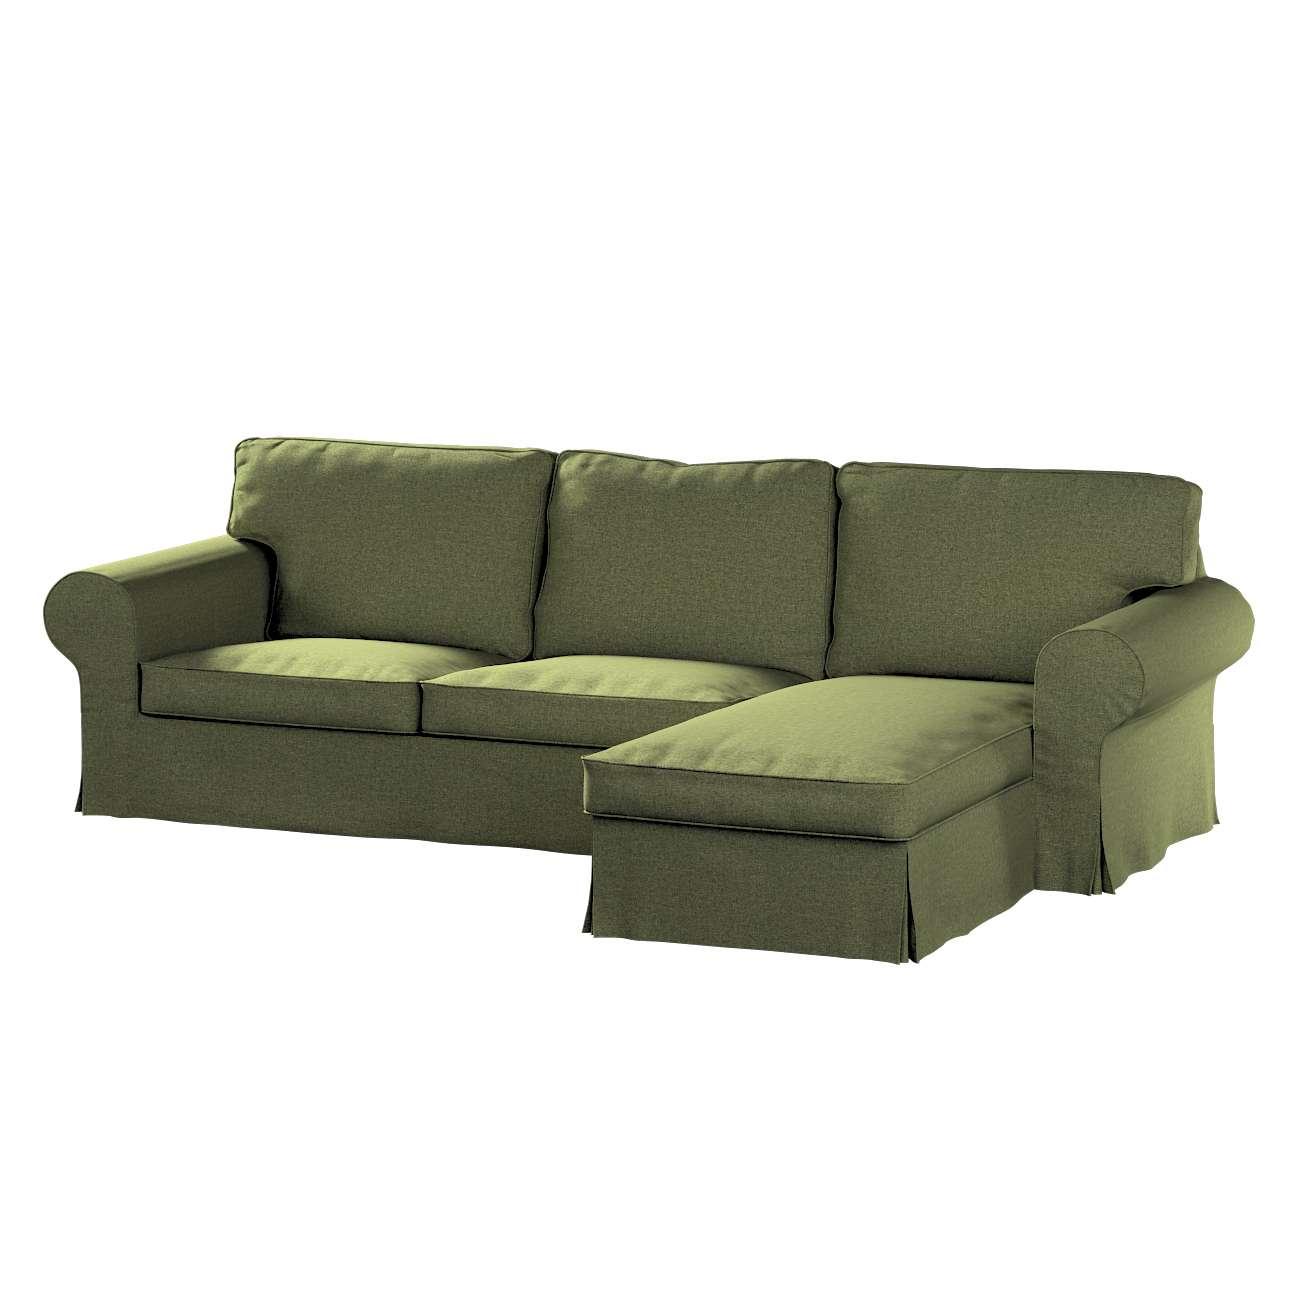 Pokrowiec na sofę Ektorp 2-osobową i leżankę w kolekcji Madrid, tkanina: 161-22